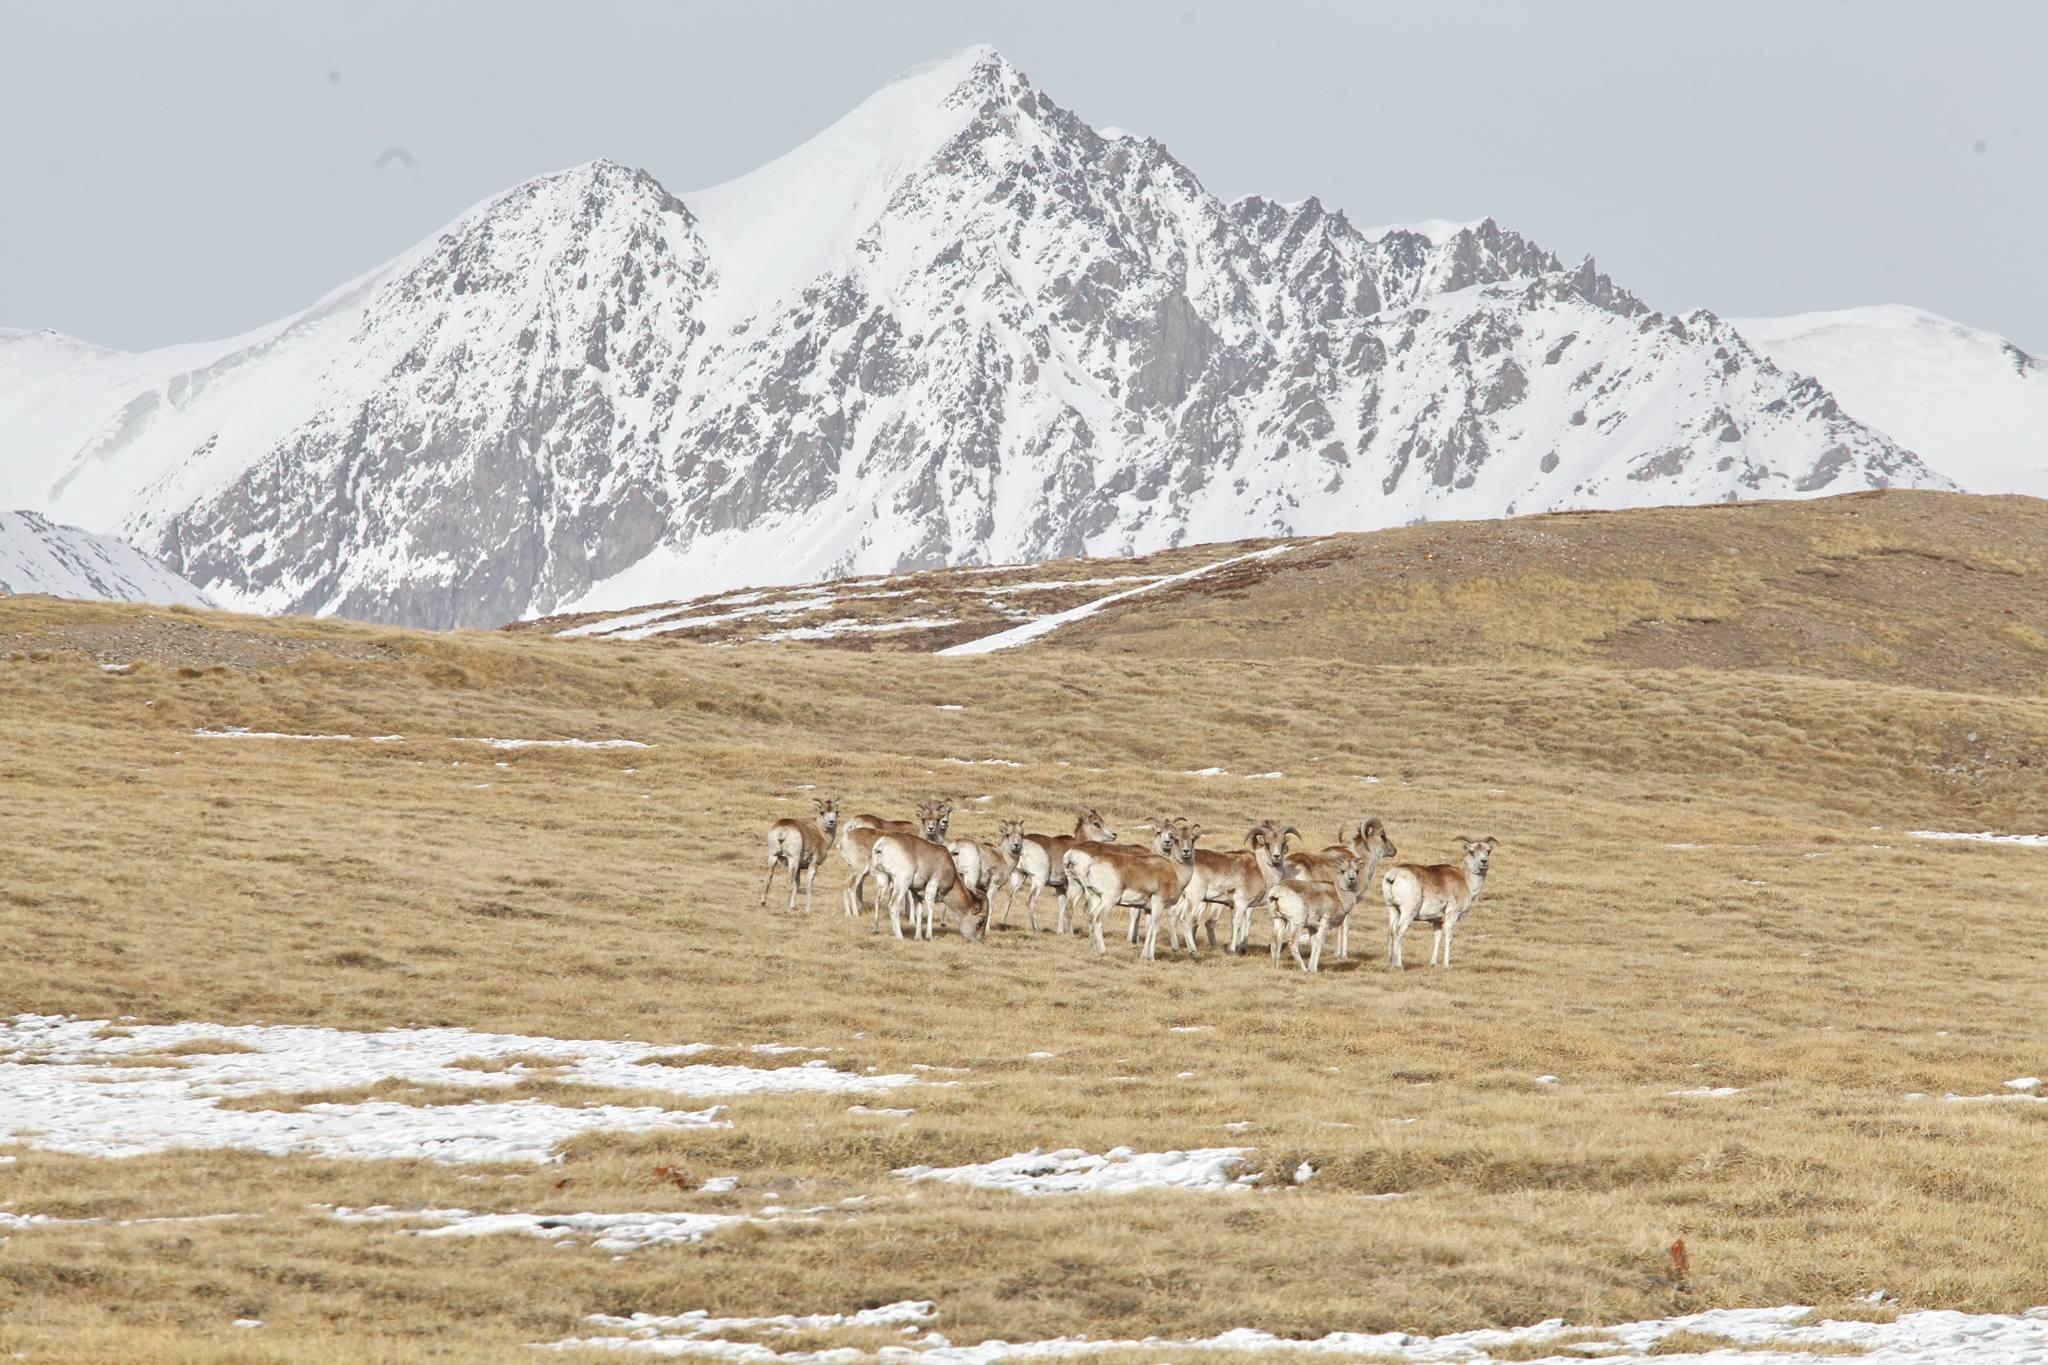 Проблема исчезновения видов - острый вопрос сейчас